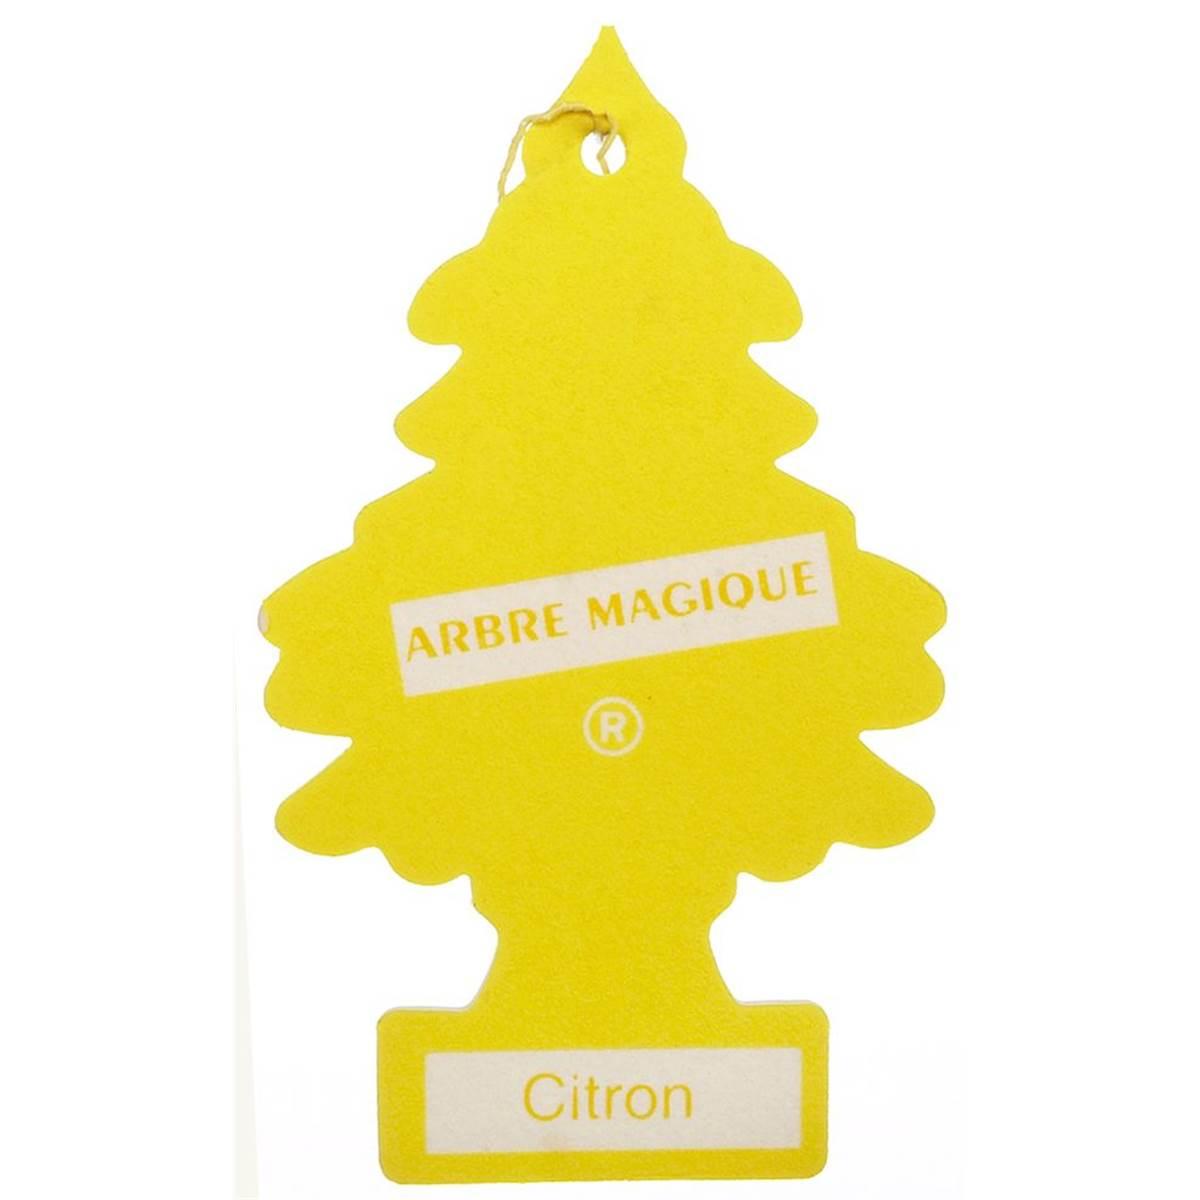 Désodorisant Arbre Magique Senteur Citron pour Arbre Magique Voiture Personnalisé